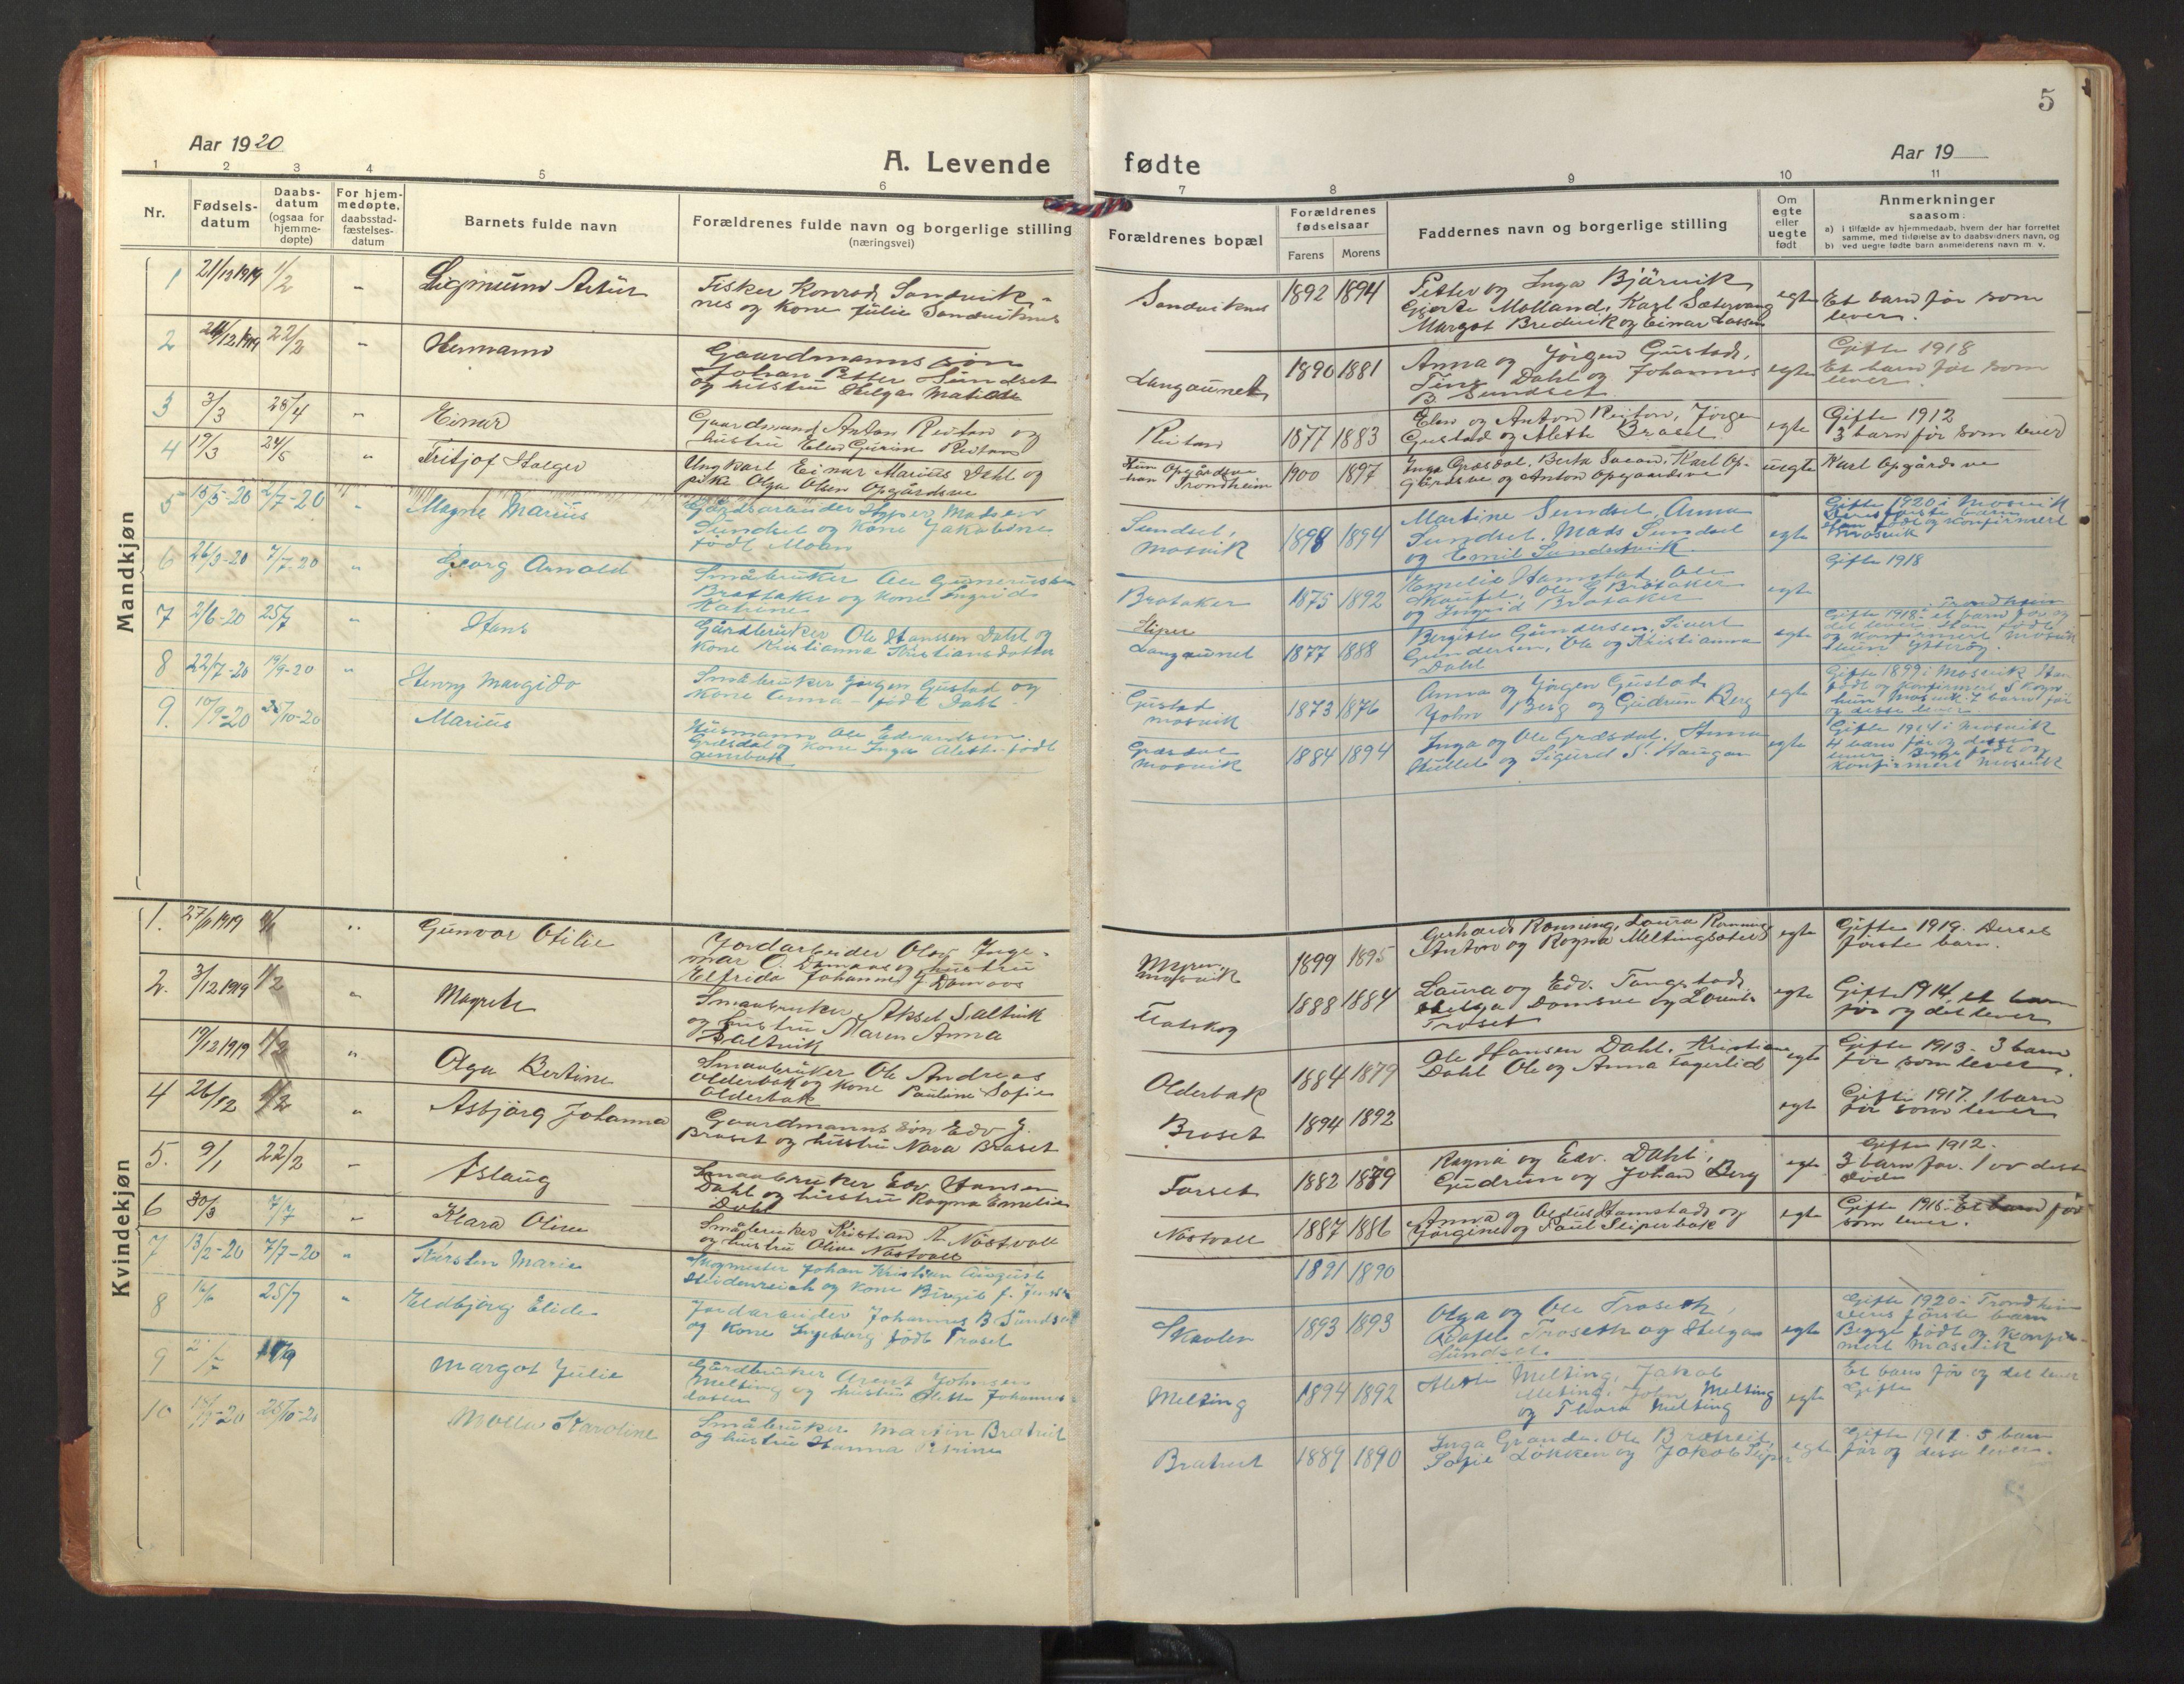 SAT, Ministerialprotokoller, klokkerbøker og fødselsregistre - Nord-Trøndelag, 733/L0328: Klokkerbok nr. 733C03, 1919-1966, s. 5